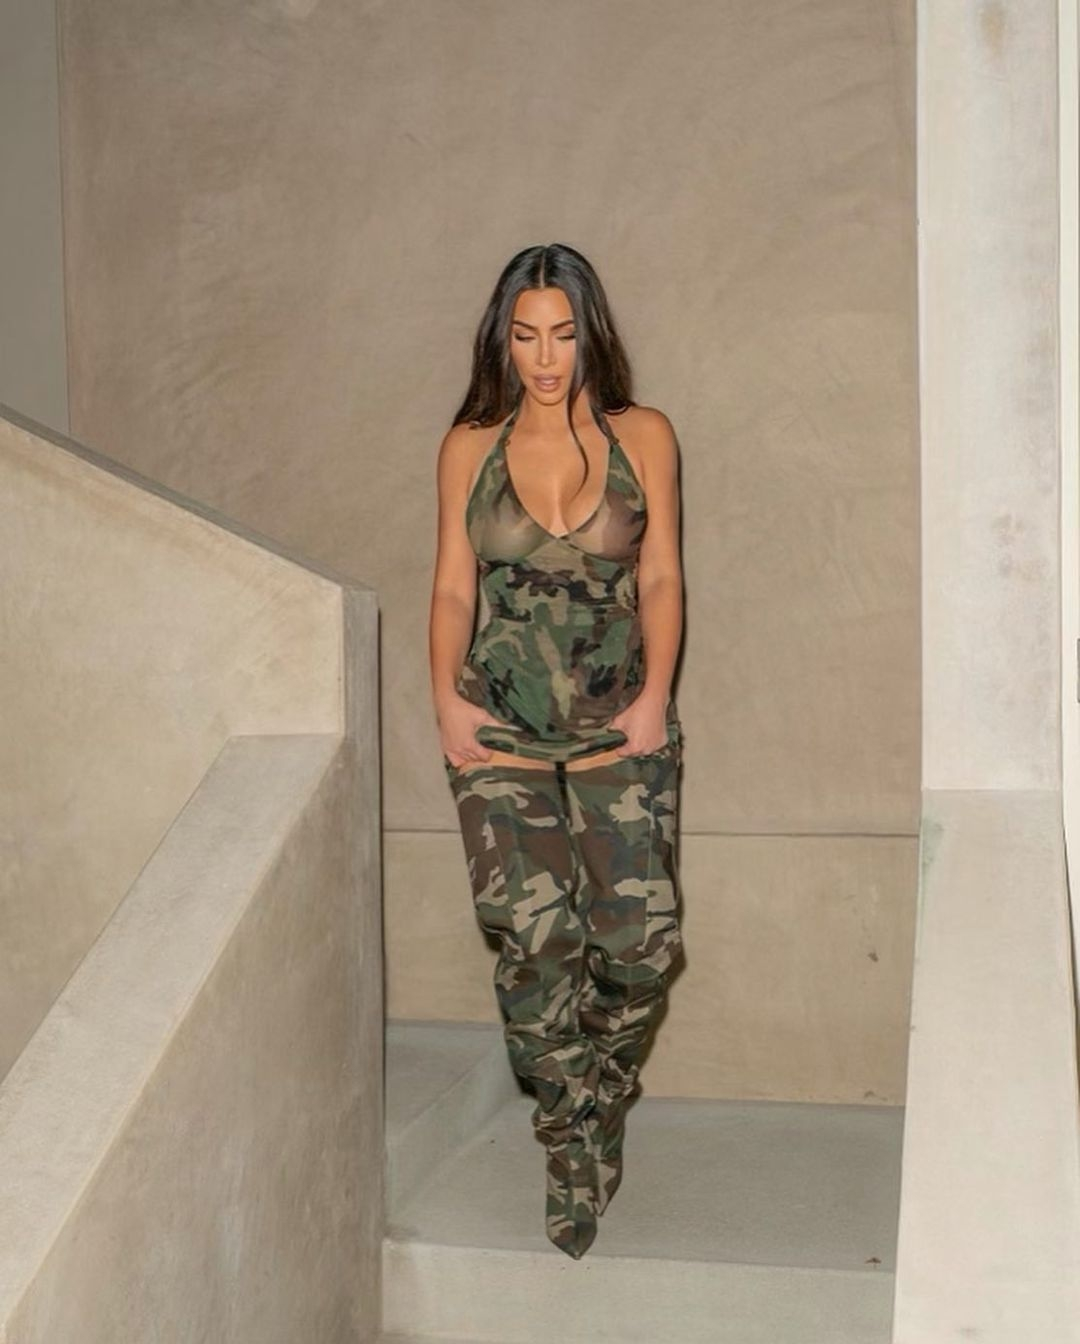 Образ дня: Ким Кардашьян в соблазнительном мини-платье с камуфляжным принтом (ФОТО) - фото №3